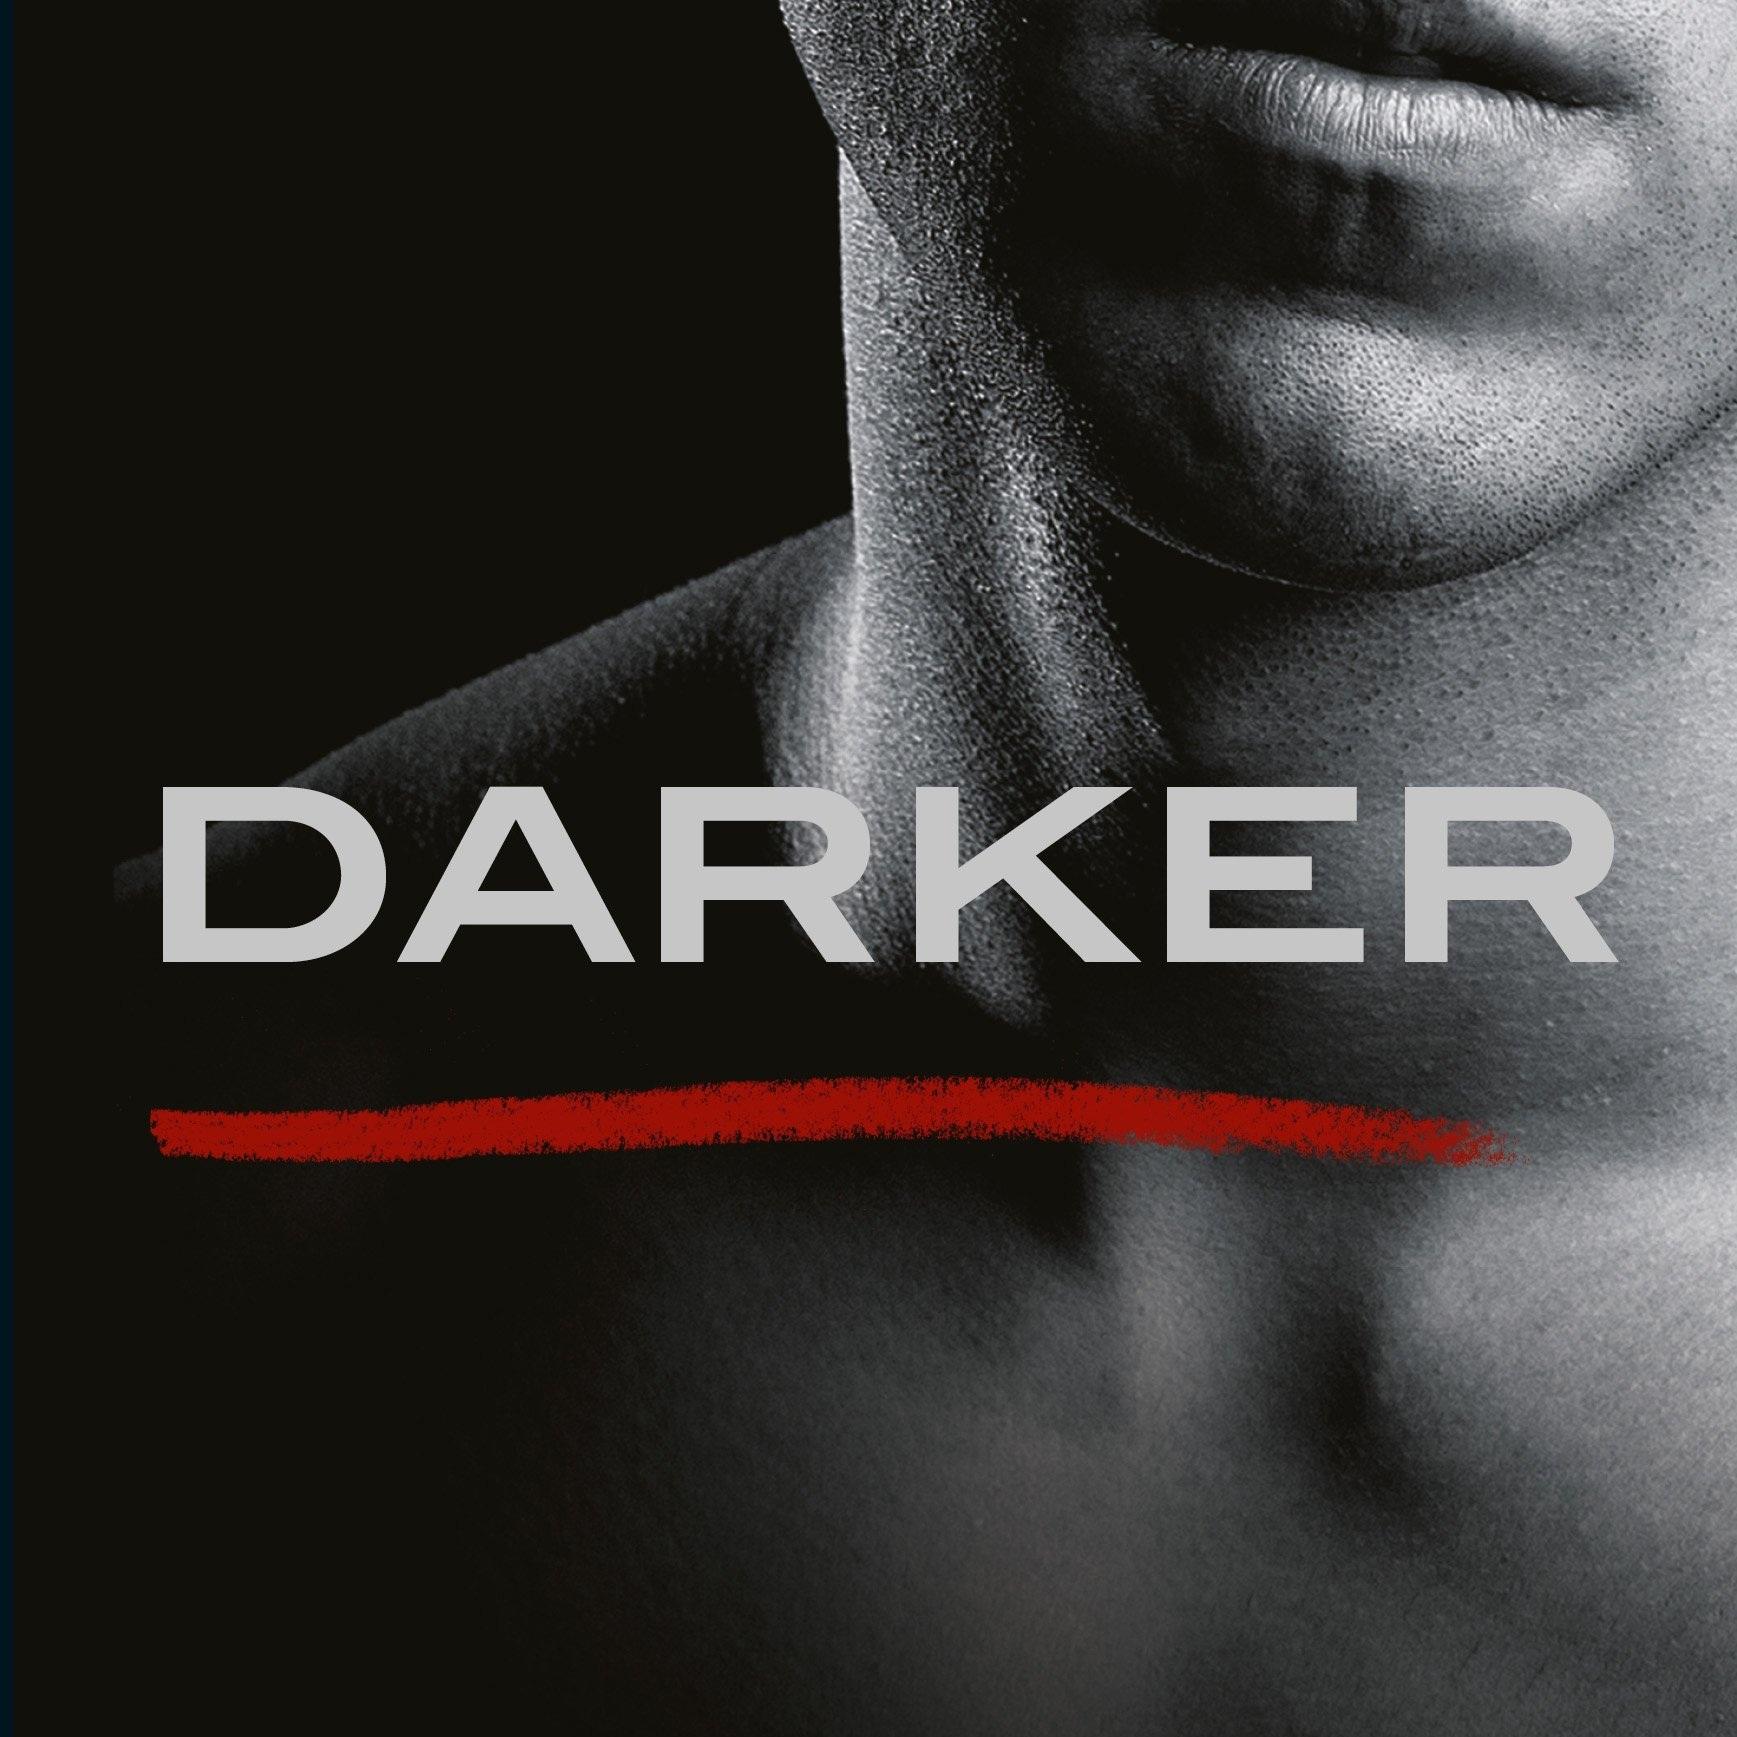 DARKER BY EL JAMES (THE I)